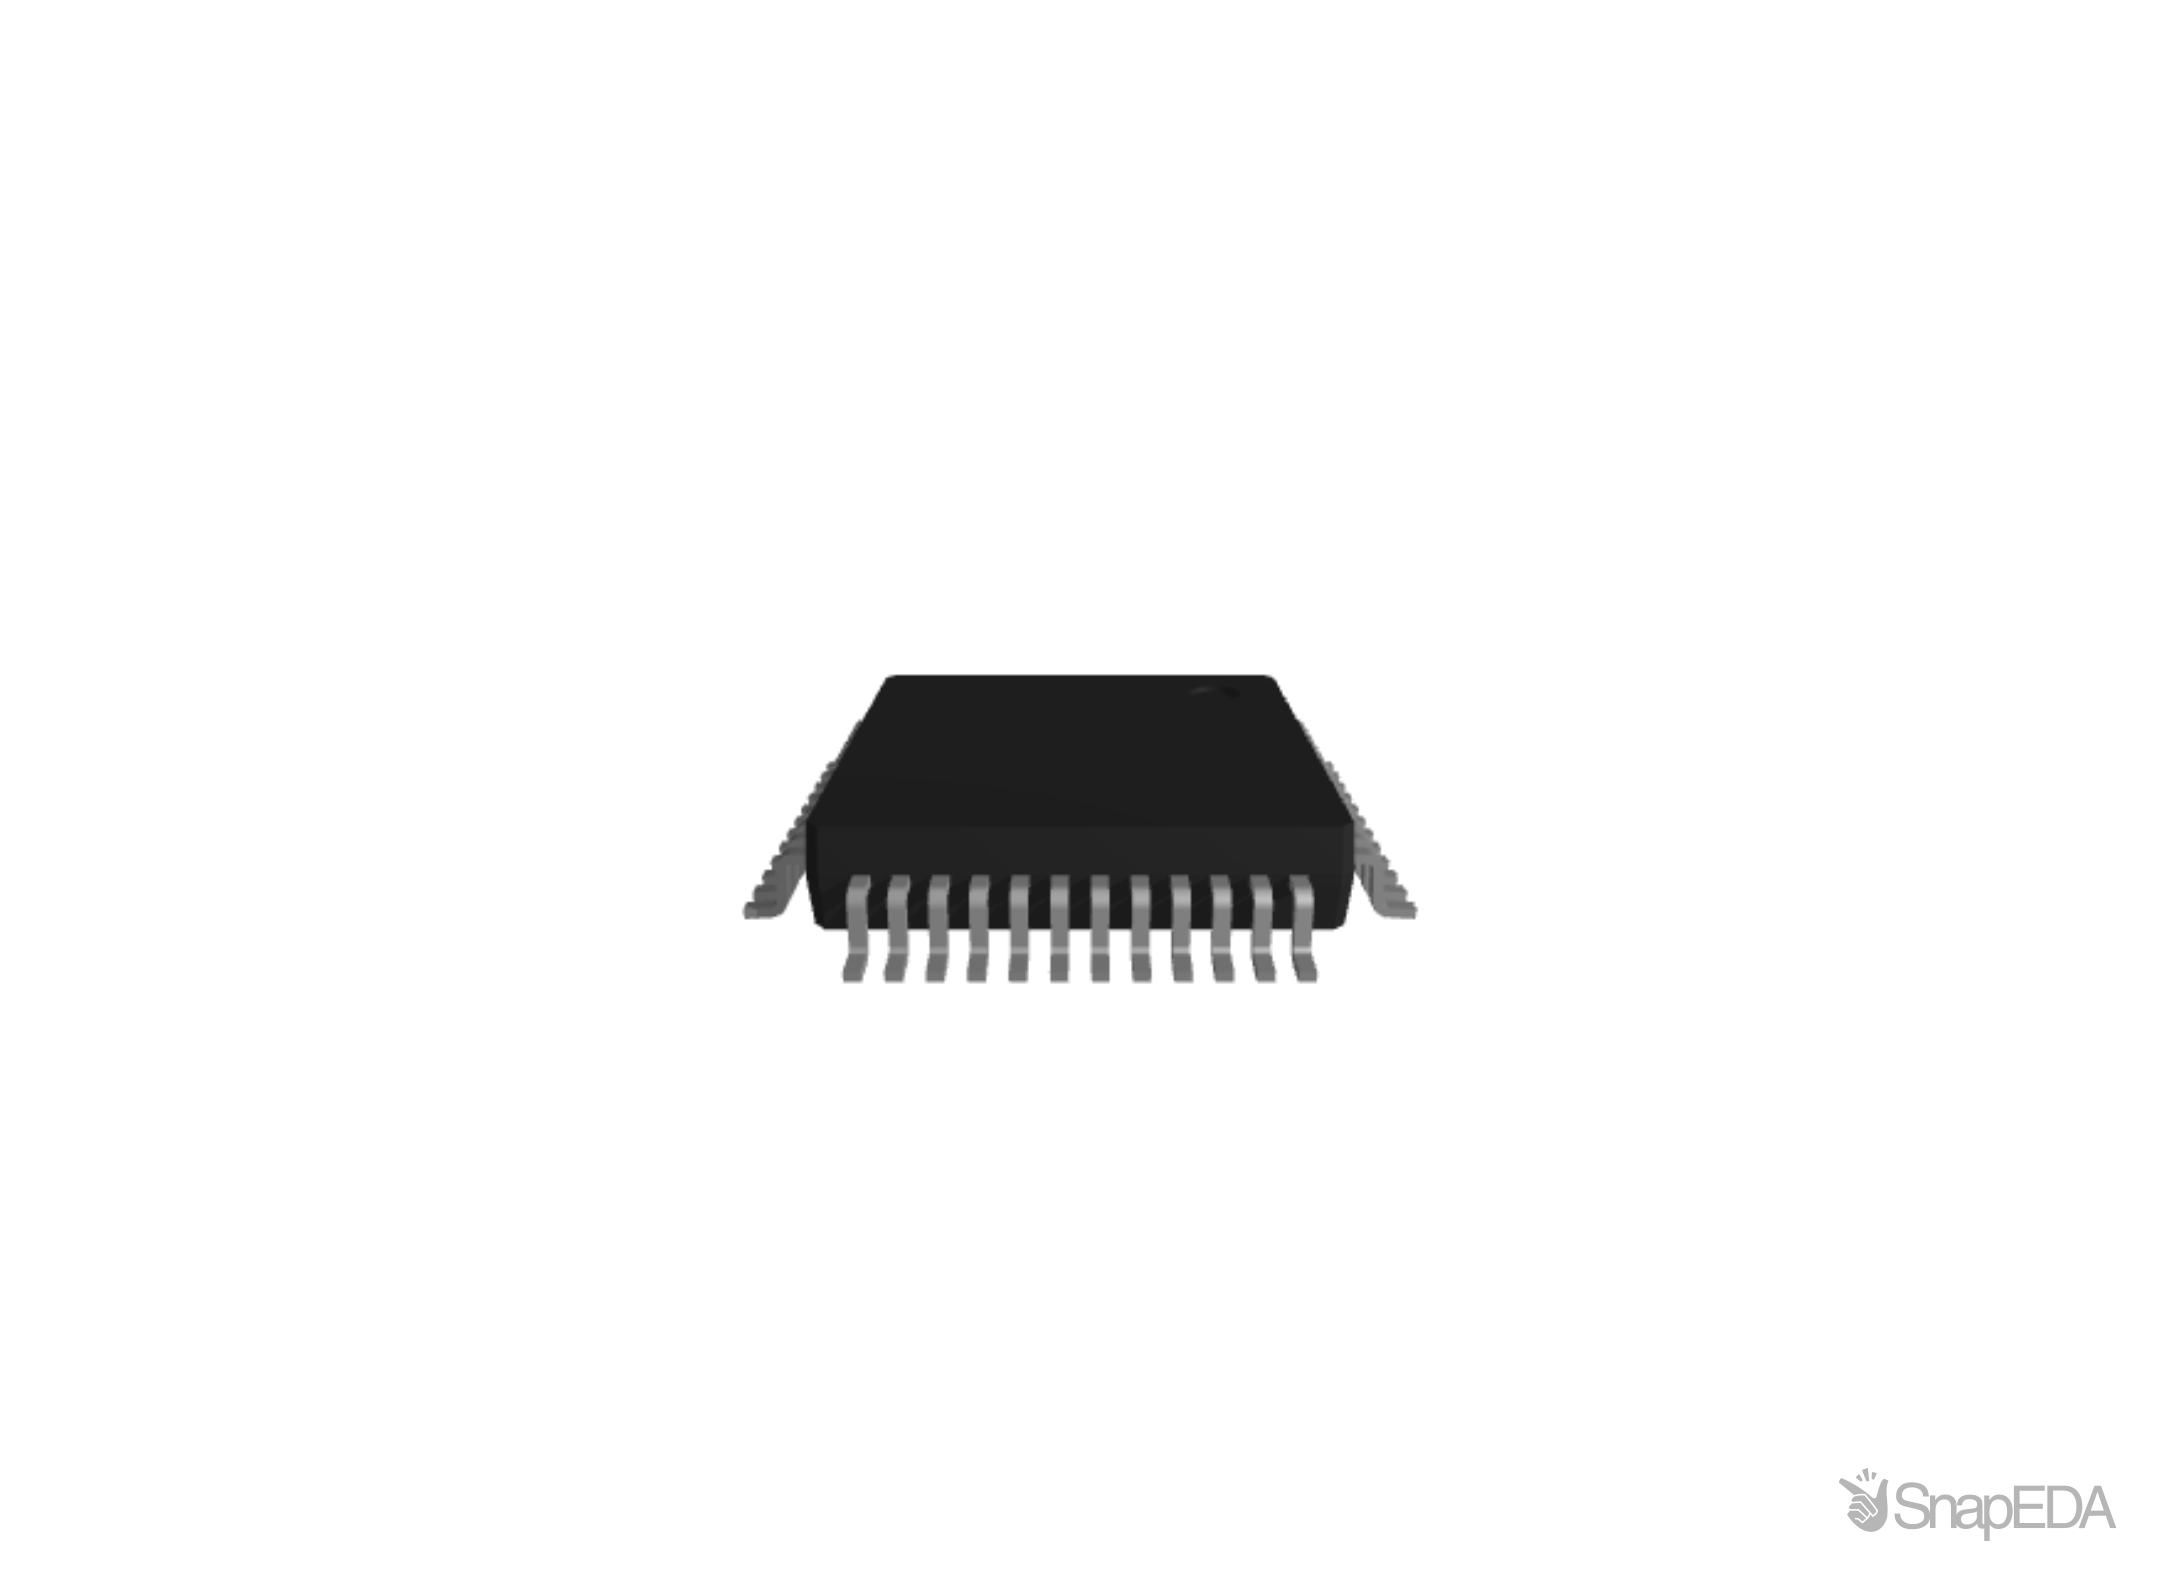 STM32F103C8T6 3D Model